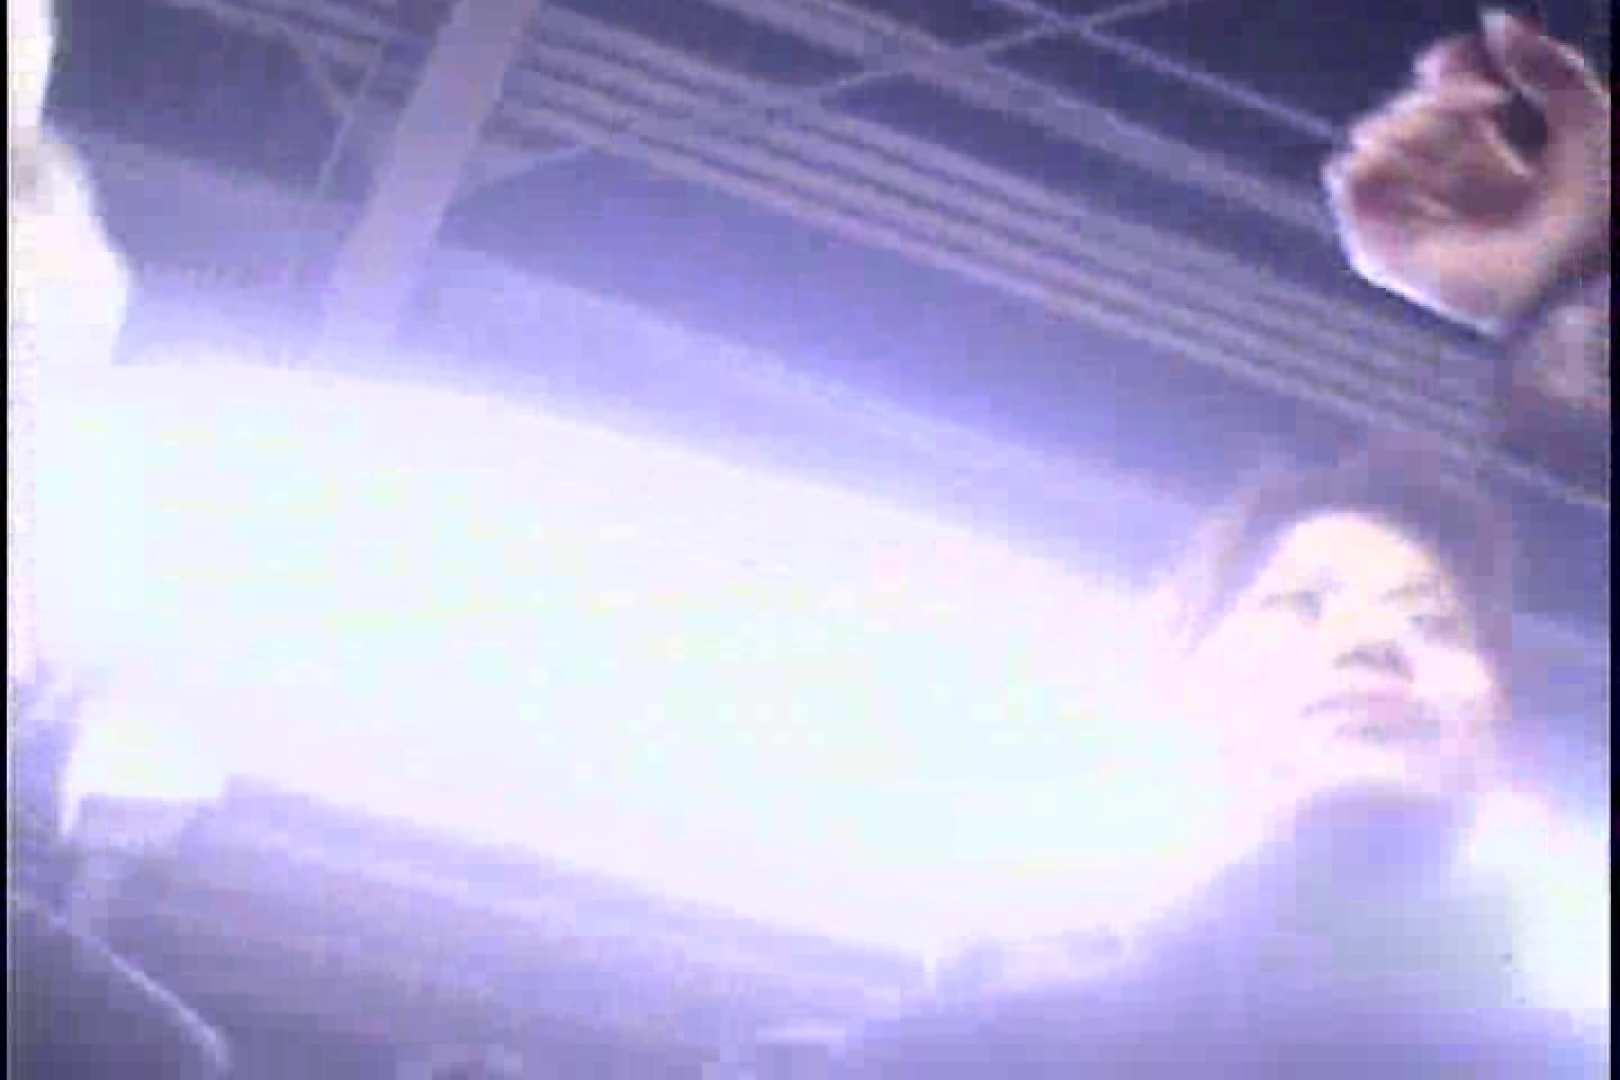 私鉄沿線美女限定パンティー丸覗き!!vol.03 美女ヌード おまんこ無修正動画無料 100画像 12